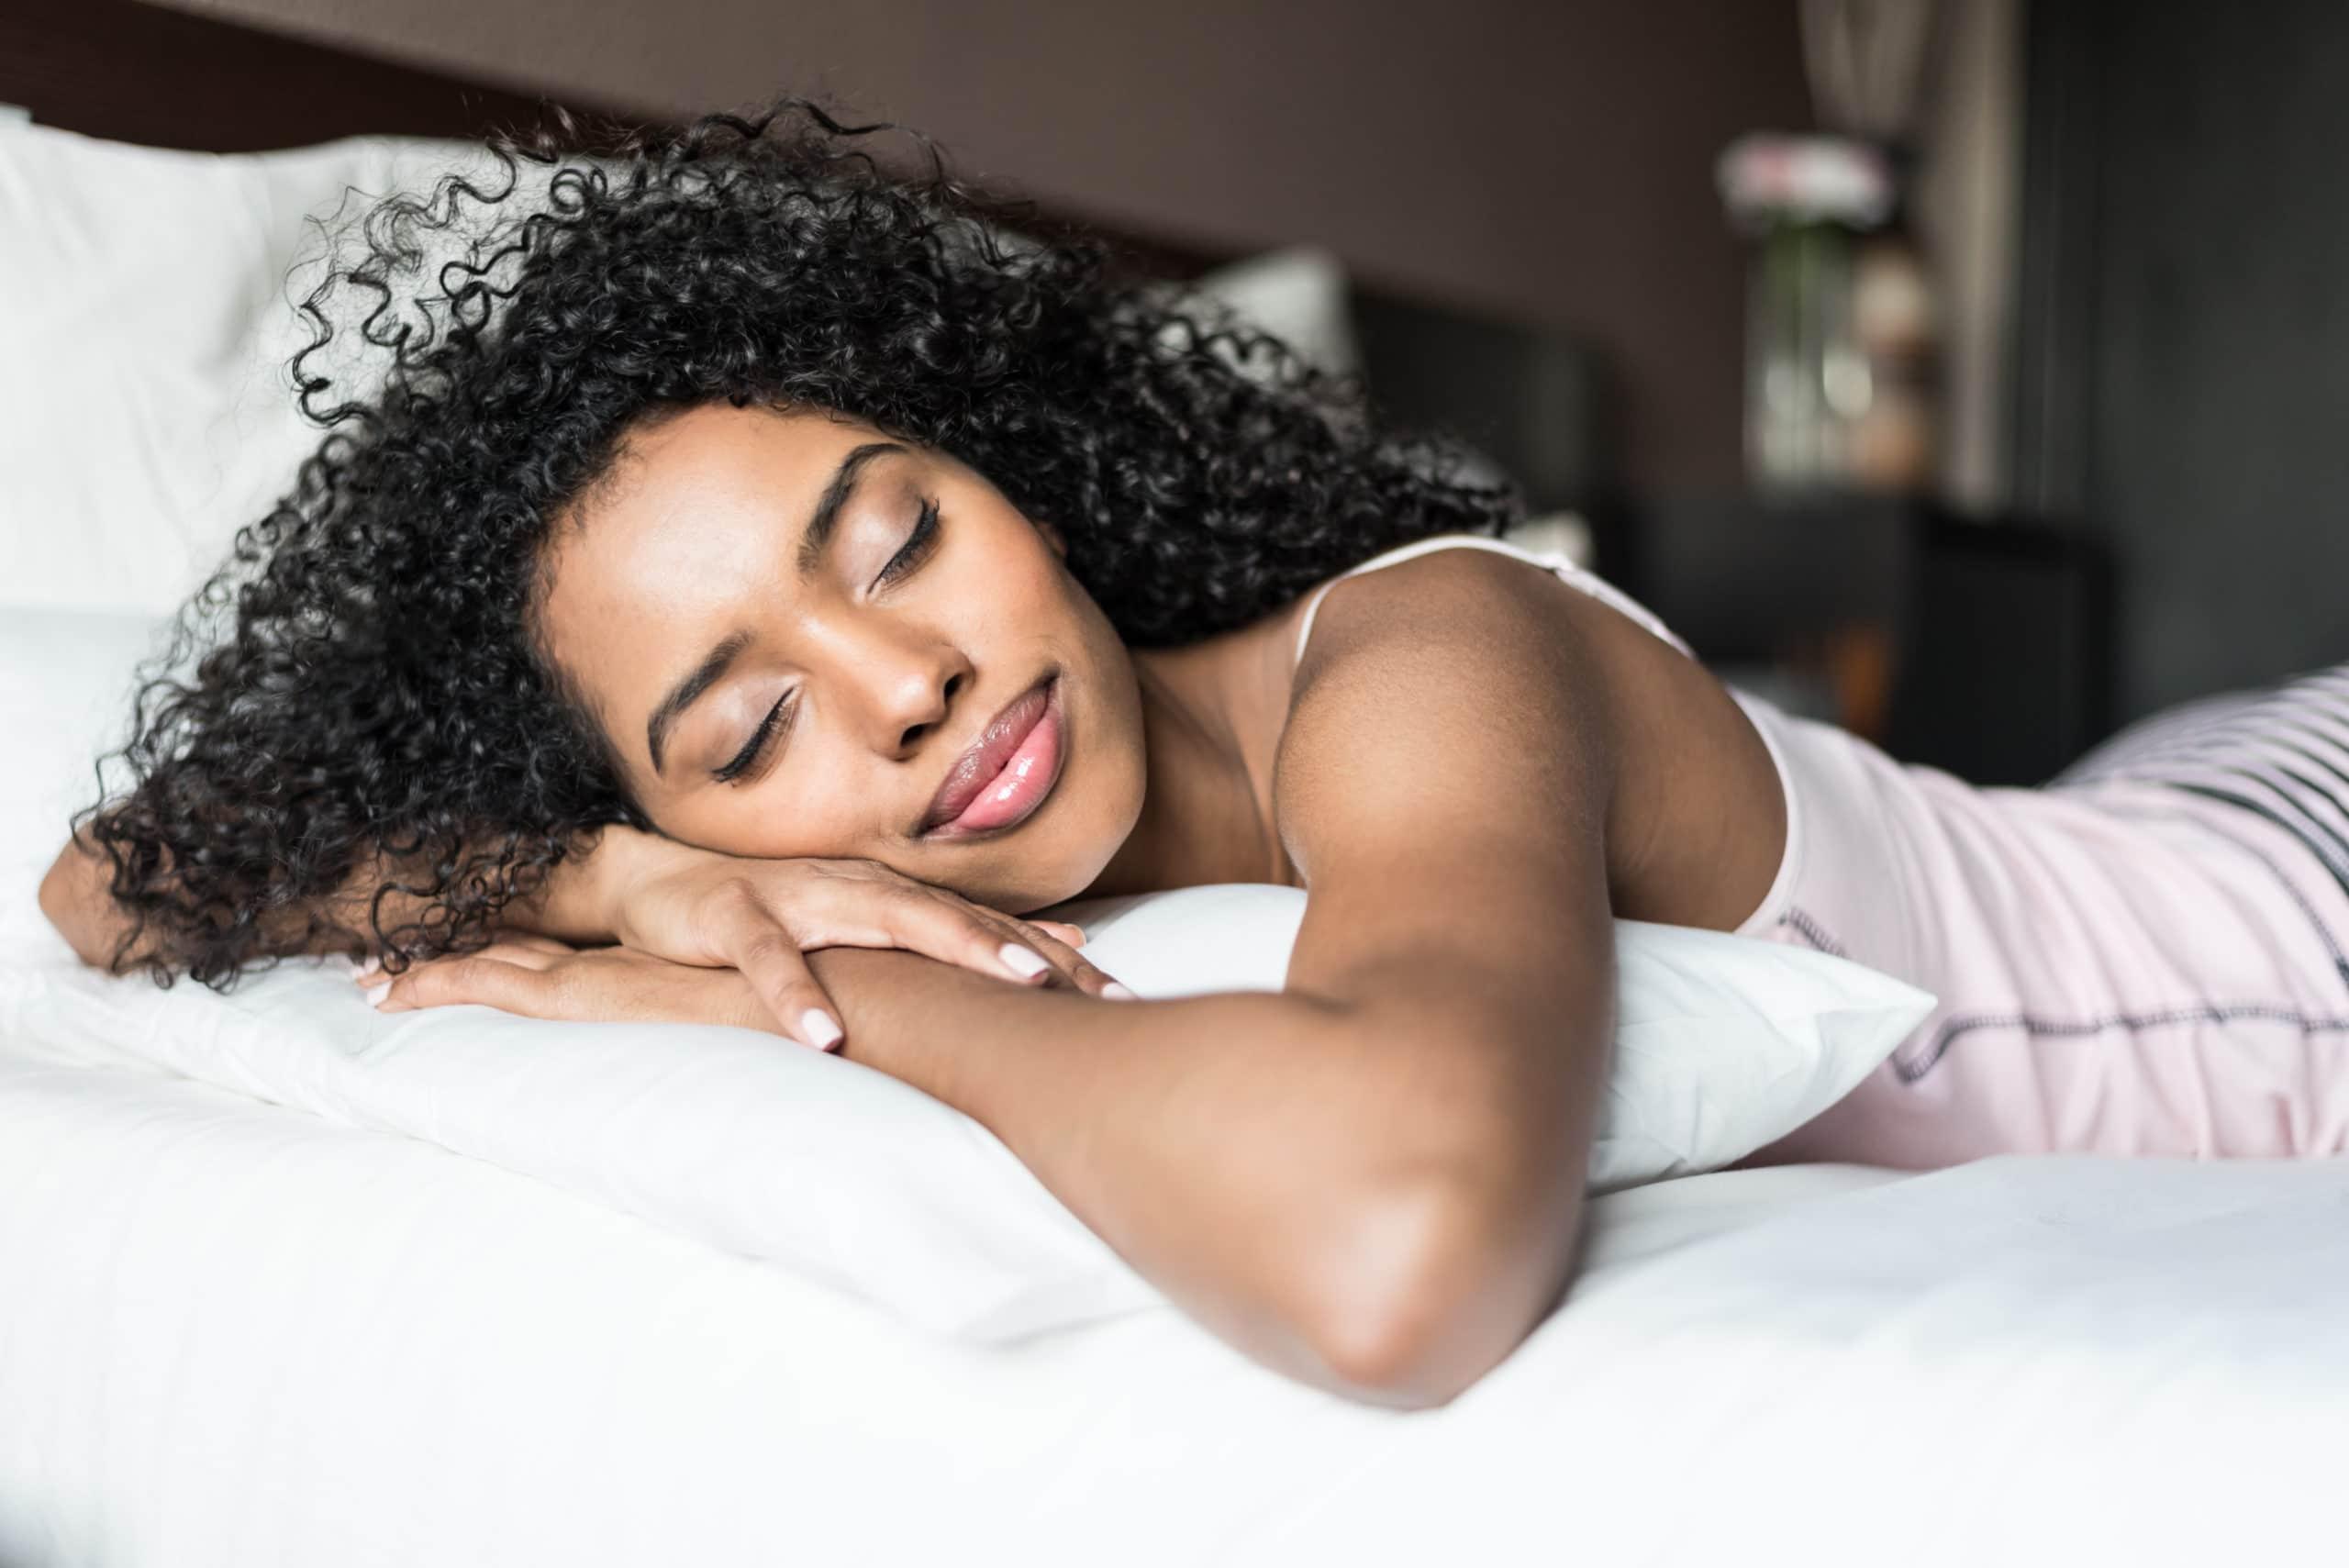 Bien dormir c'est le début du bonheur !